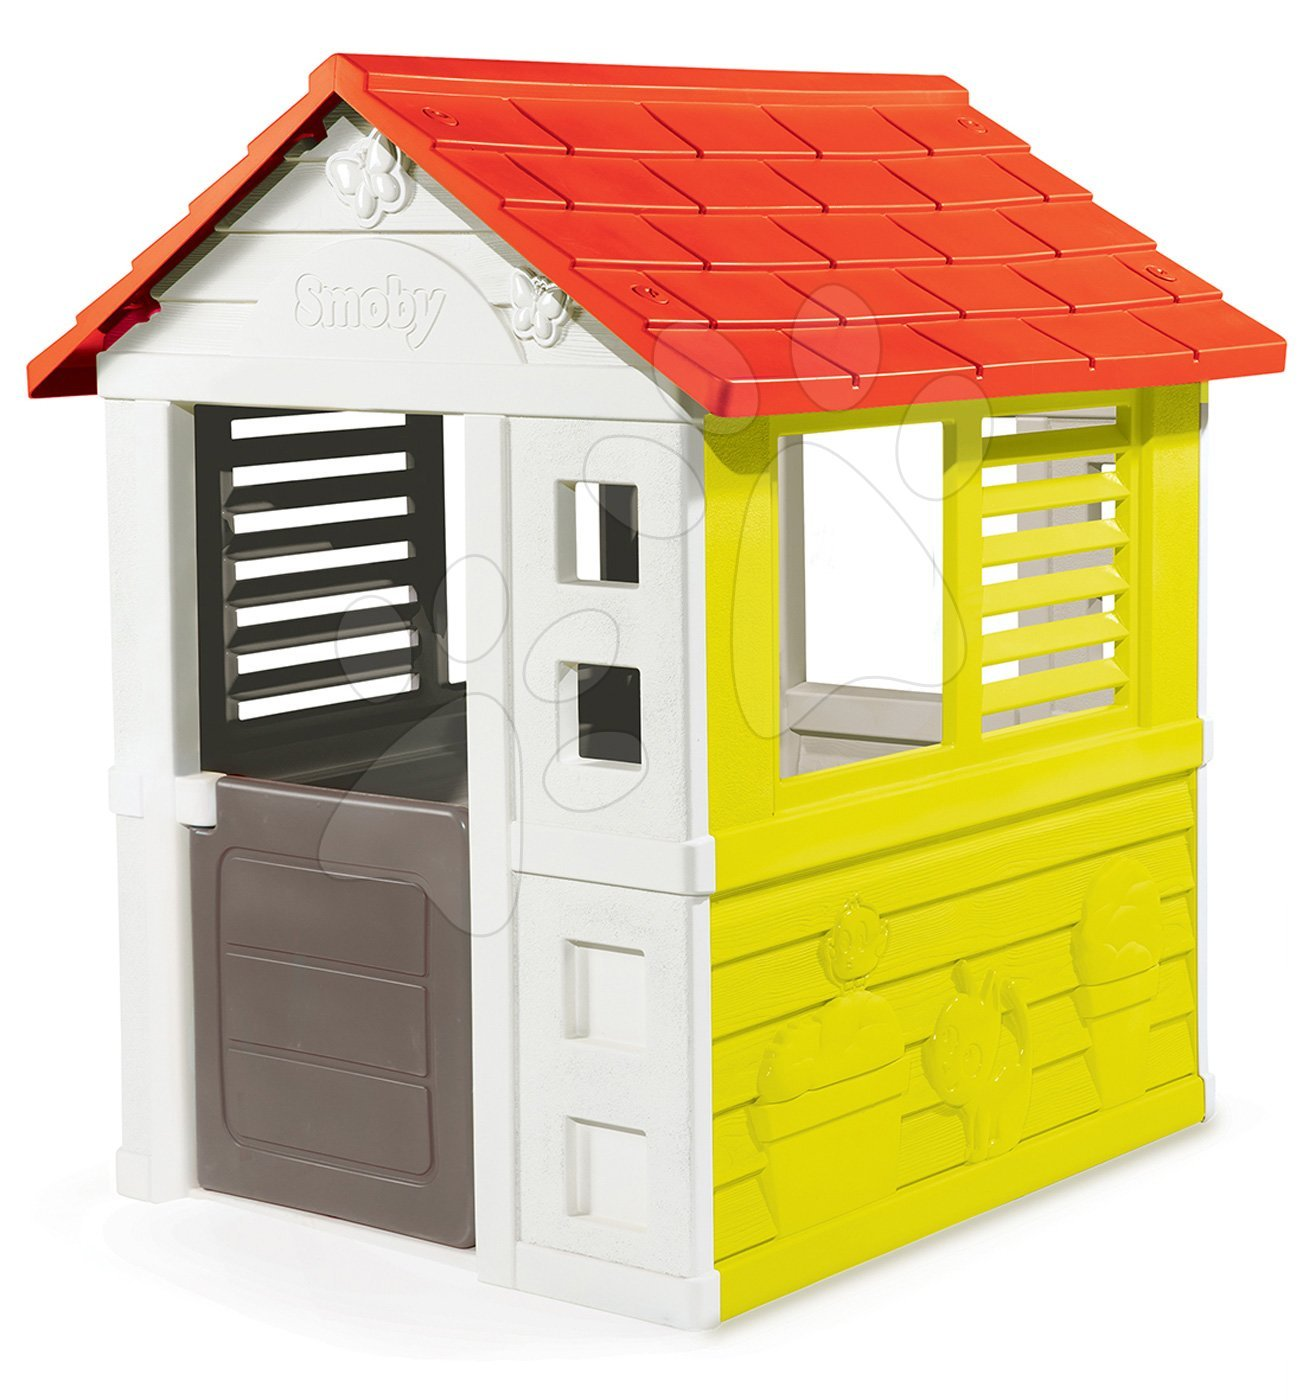 Házikó Lovely Smoby pirosas-zöld 3 ablakkal és 2 árnyékolóval UV védelemmel 2 évtől